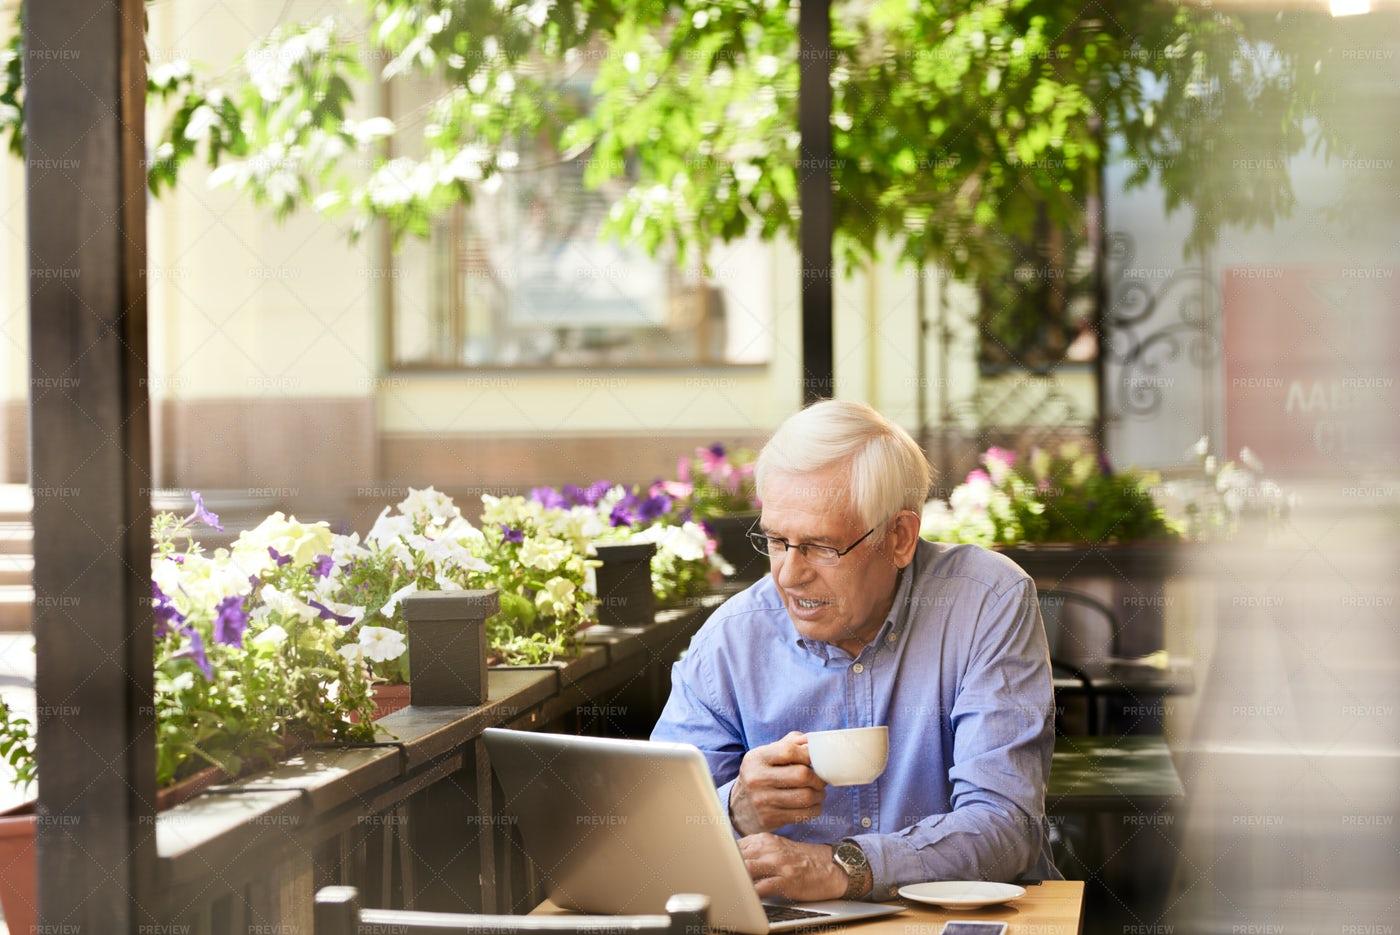 Modern Senior Man Using Laptop In ...: Stock Photos